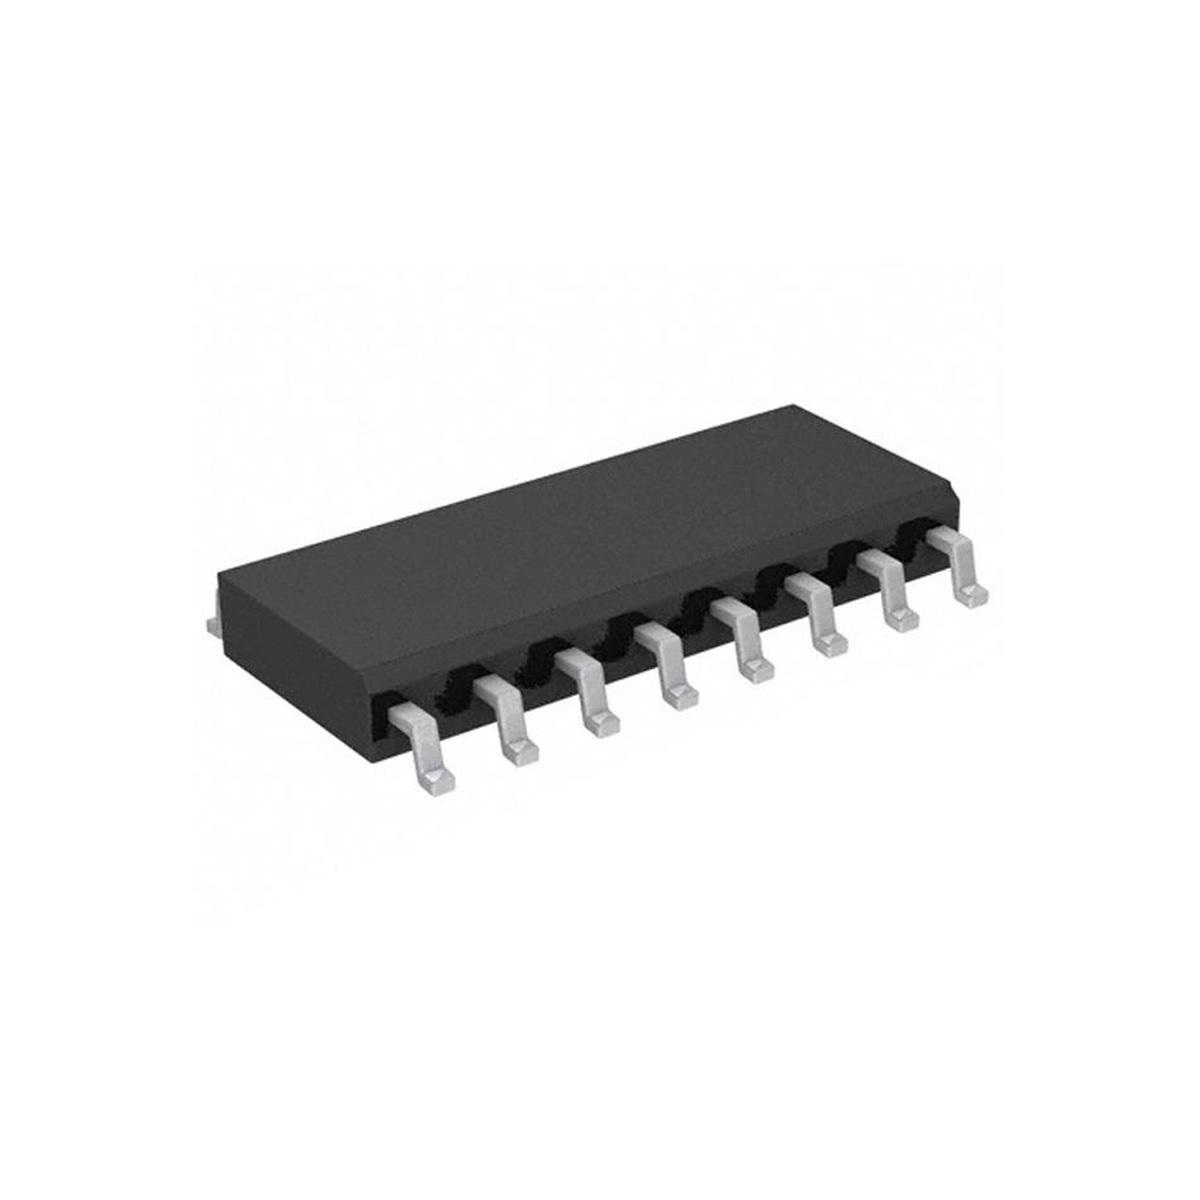 Circuito Integrado : Circuito integrado hct d smd u e smd u e componentes electronicos